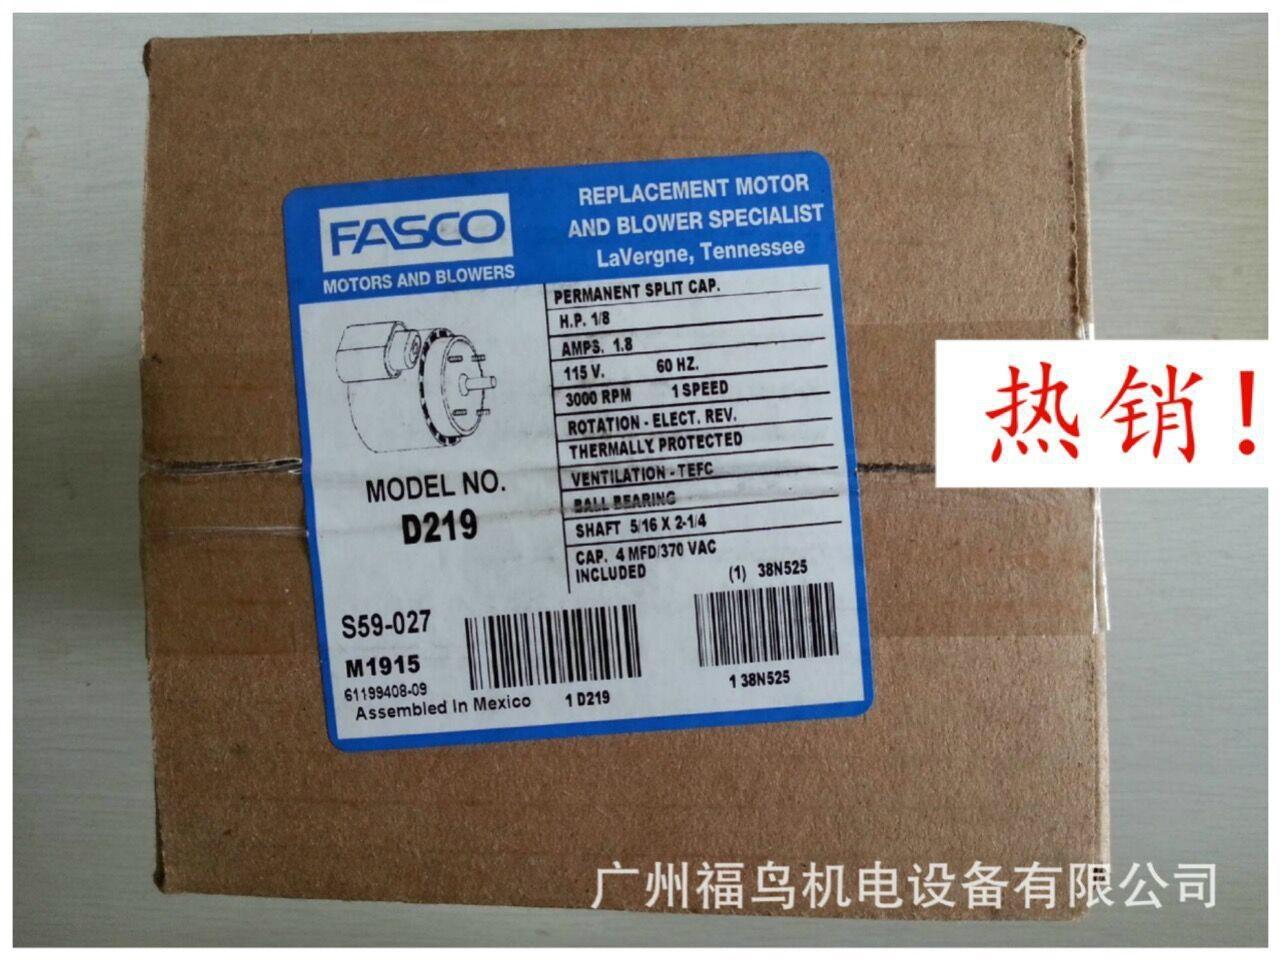 FASCO电机, 马达, 型号: D219